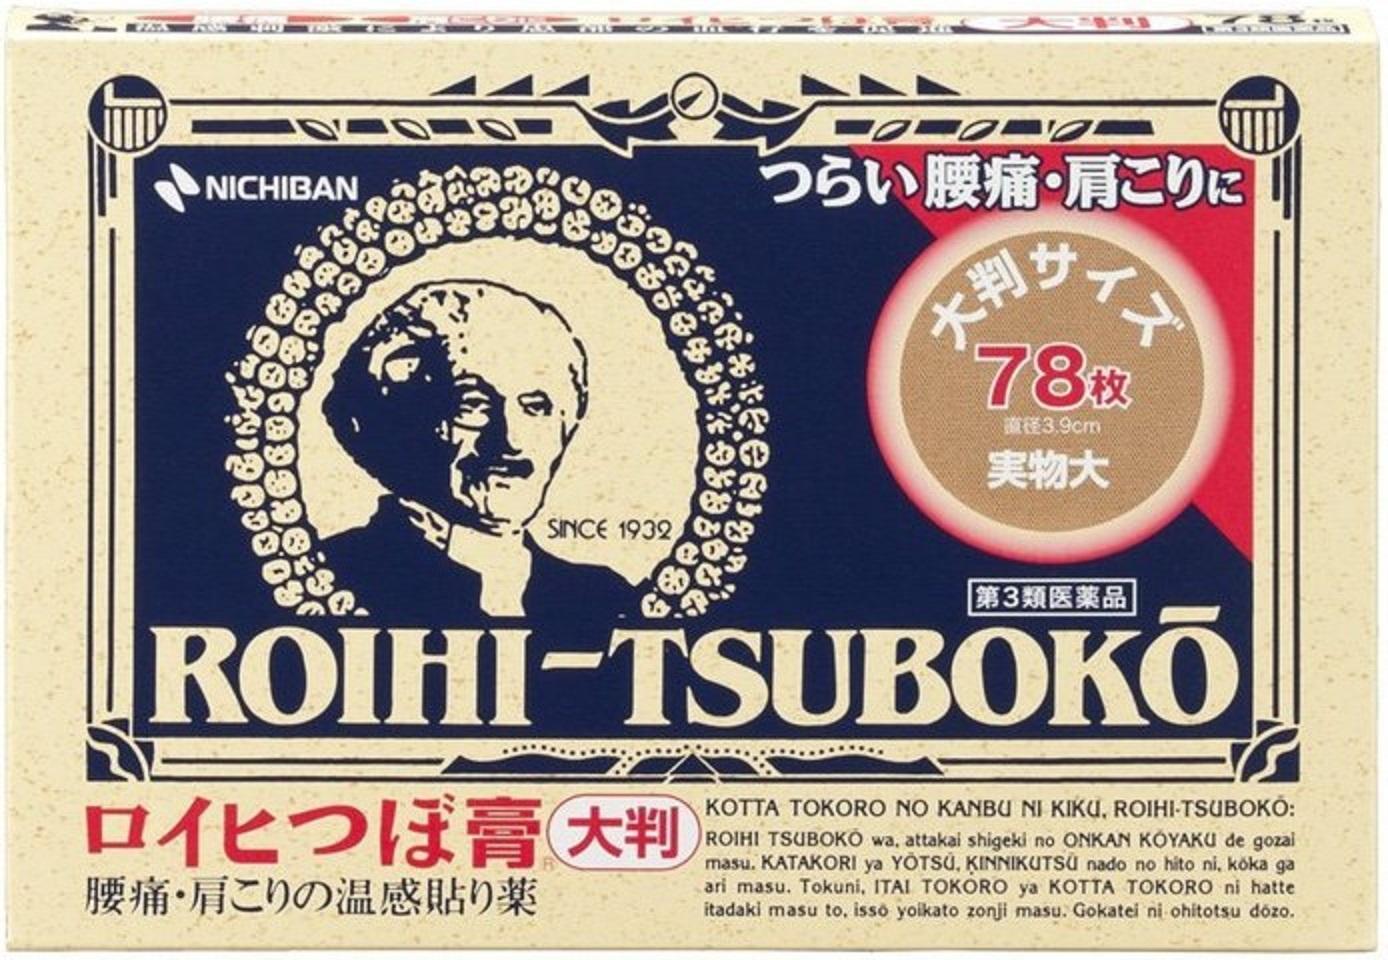 Dán Huyệt Đạo Roihi Tsuboko 78 miếng - Nóng nhập khẩu